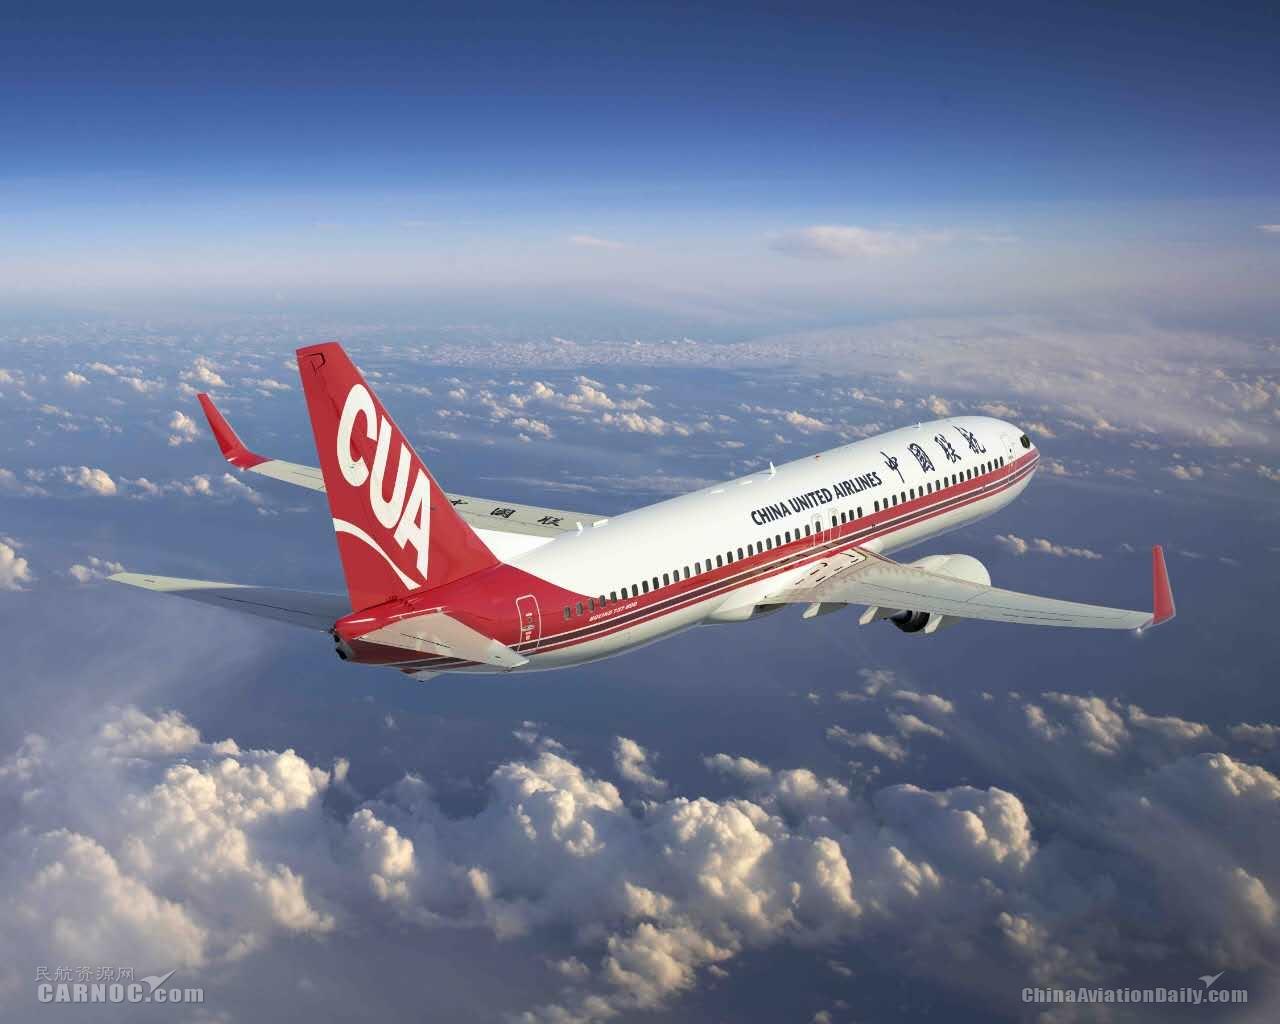 中联航高质量运营获三项殊荣 开启发展新动力